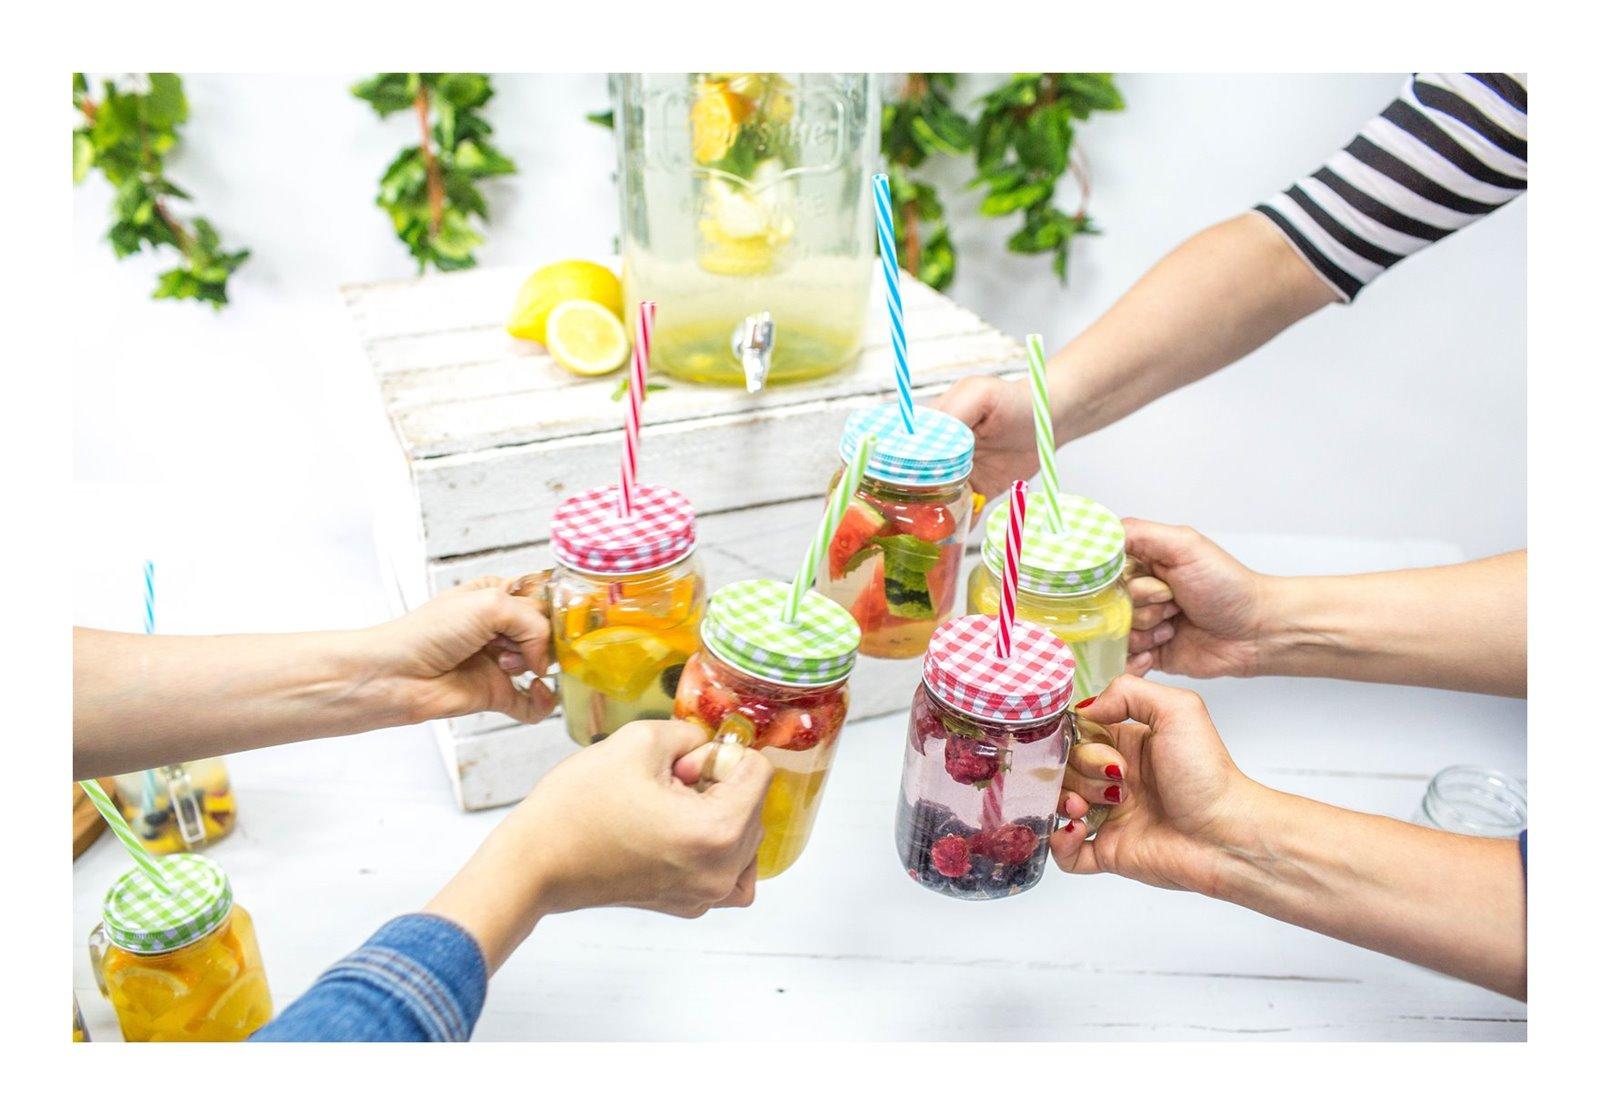 11 pomysły na urodziny na przyjęcie przyjeciele słoiki tumblr friends pinterest słoiki inspiracje lemoniada bez cytryny arbuz jak zrobić lemoniady napoje słodkie wakacje lato przepis kulinaria kuchnia łódź blog